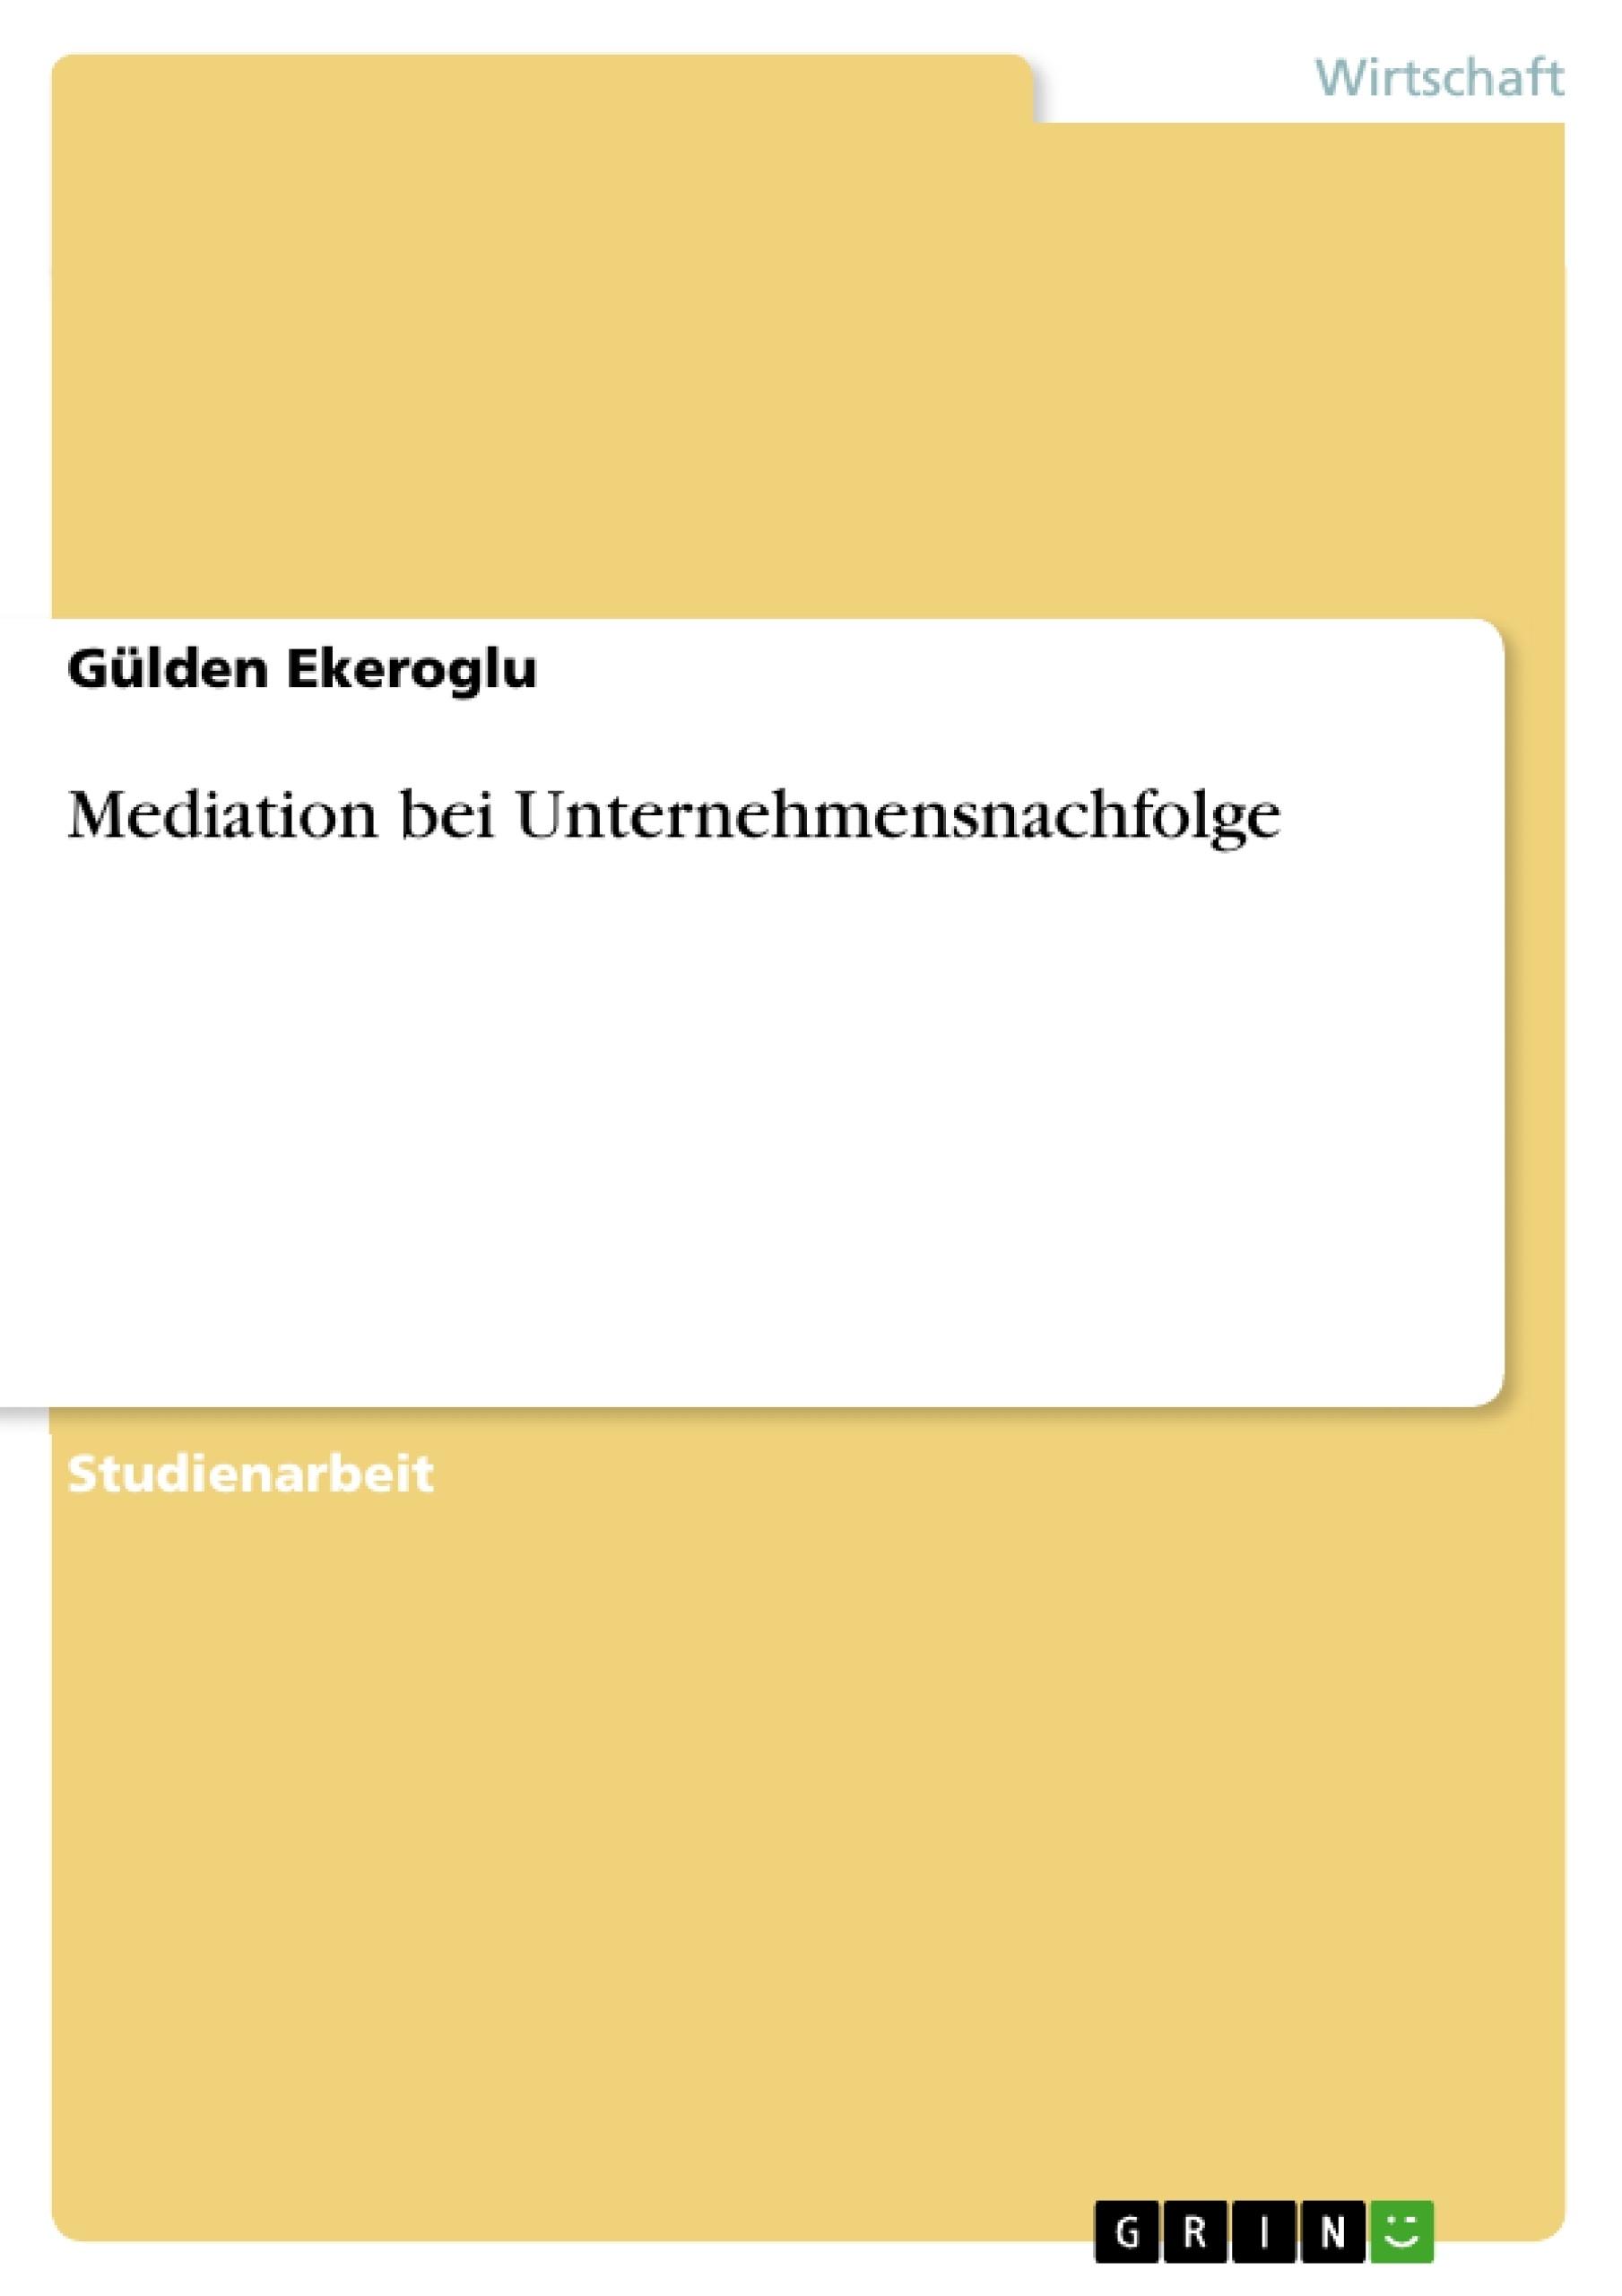 Titel: Mediation bei Unternehmensnachfolge